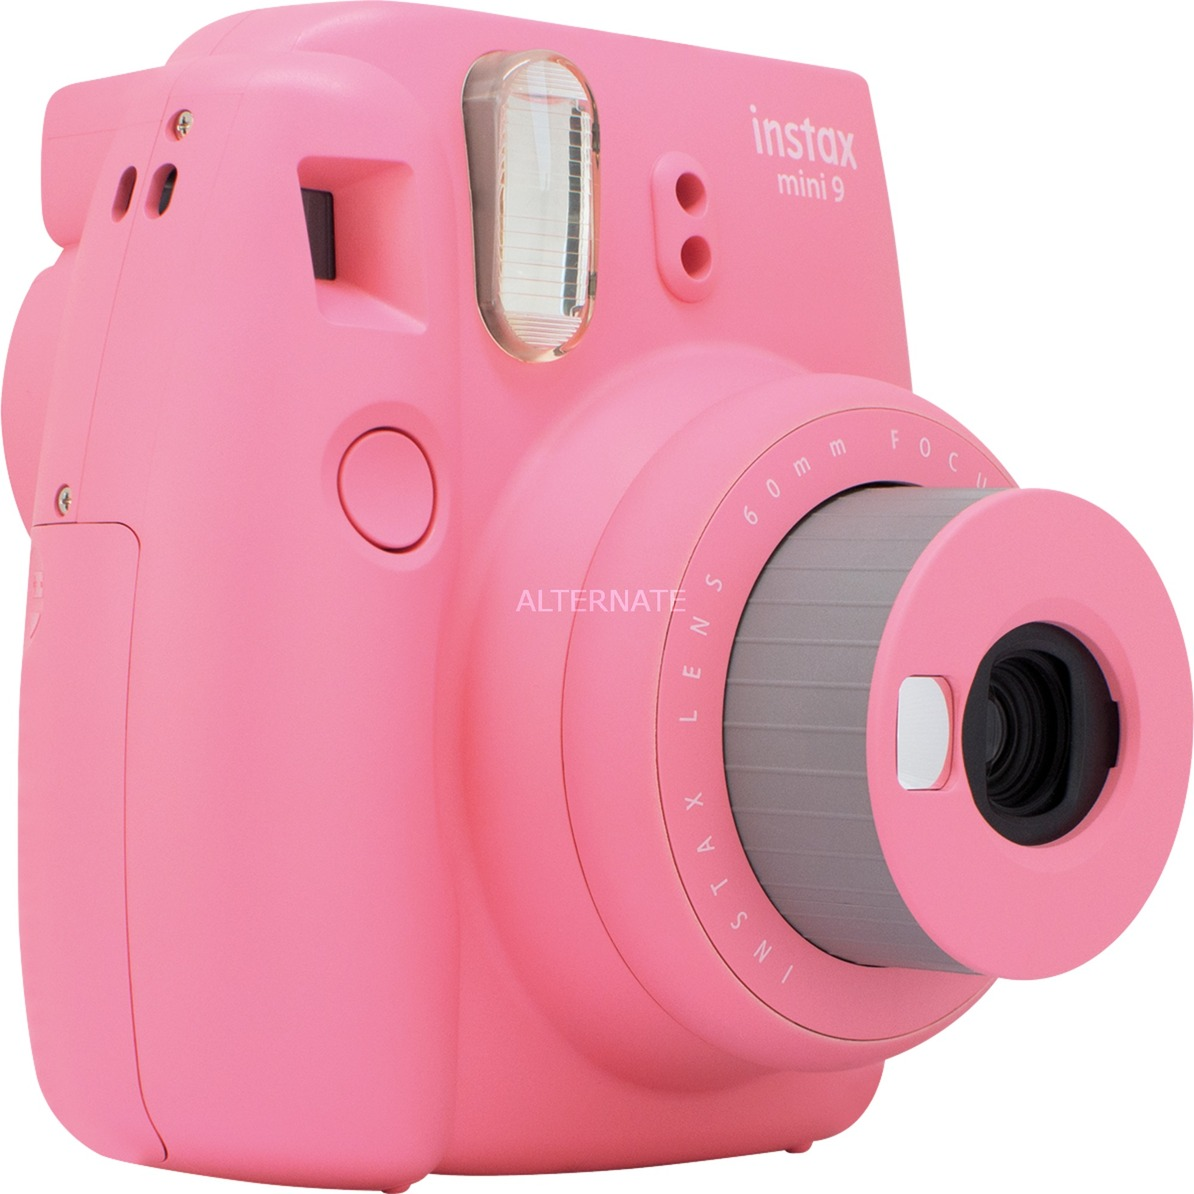 Instax Mini 9 62 x 46 mm Rosa, Cámara instantánea